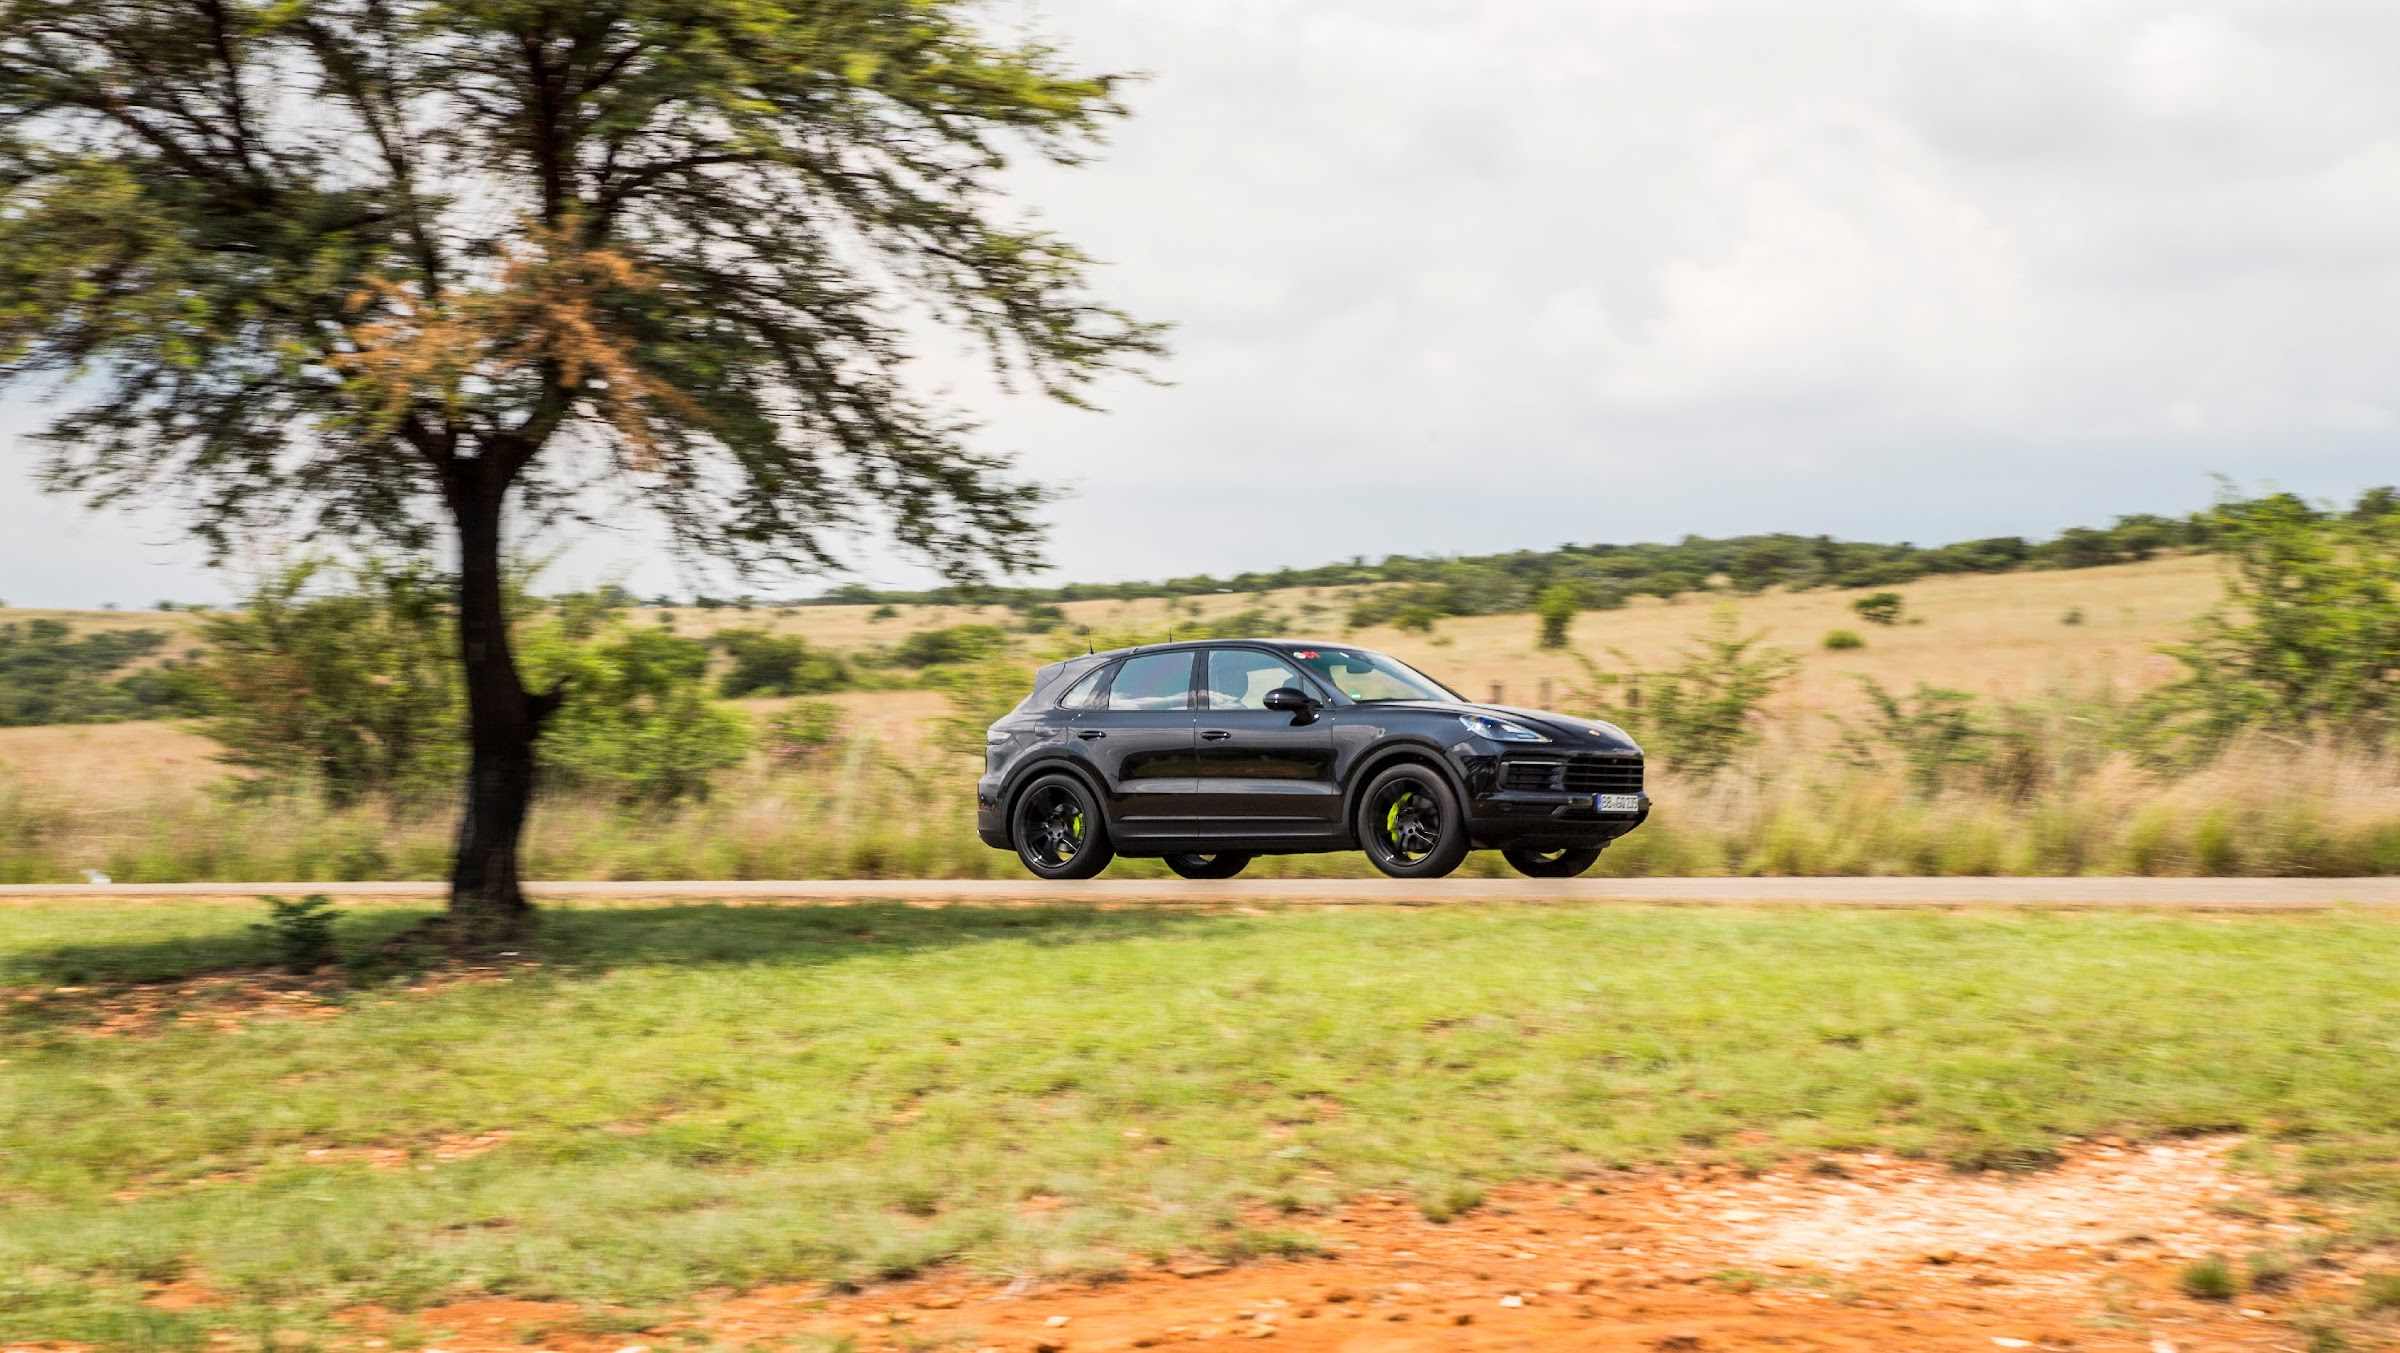 JoVrYdbbZYLOr9EGGQJ19PHQtUJTVSC wgocAdBfBnQ1UIbgf5wuXZZpldS6EJm9cfkvwN0dMiLa3Vk glKudx DLf3DE4l7mvtFR4Waec7fyXZGS 0ngsR0o22bHU7XOx1hlccK0g=w2400 - El Porsche Cayenne disponible en versión híbrida enchufable